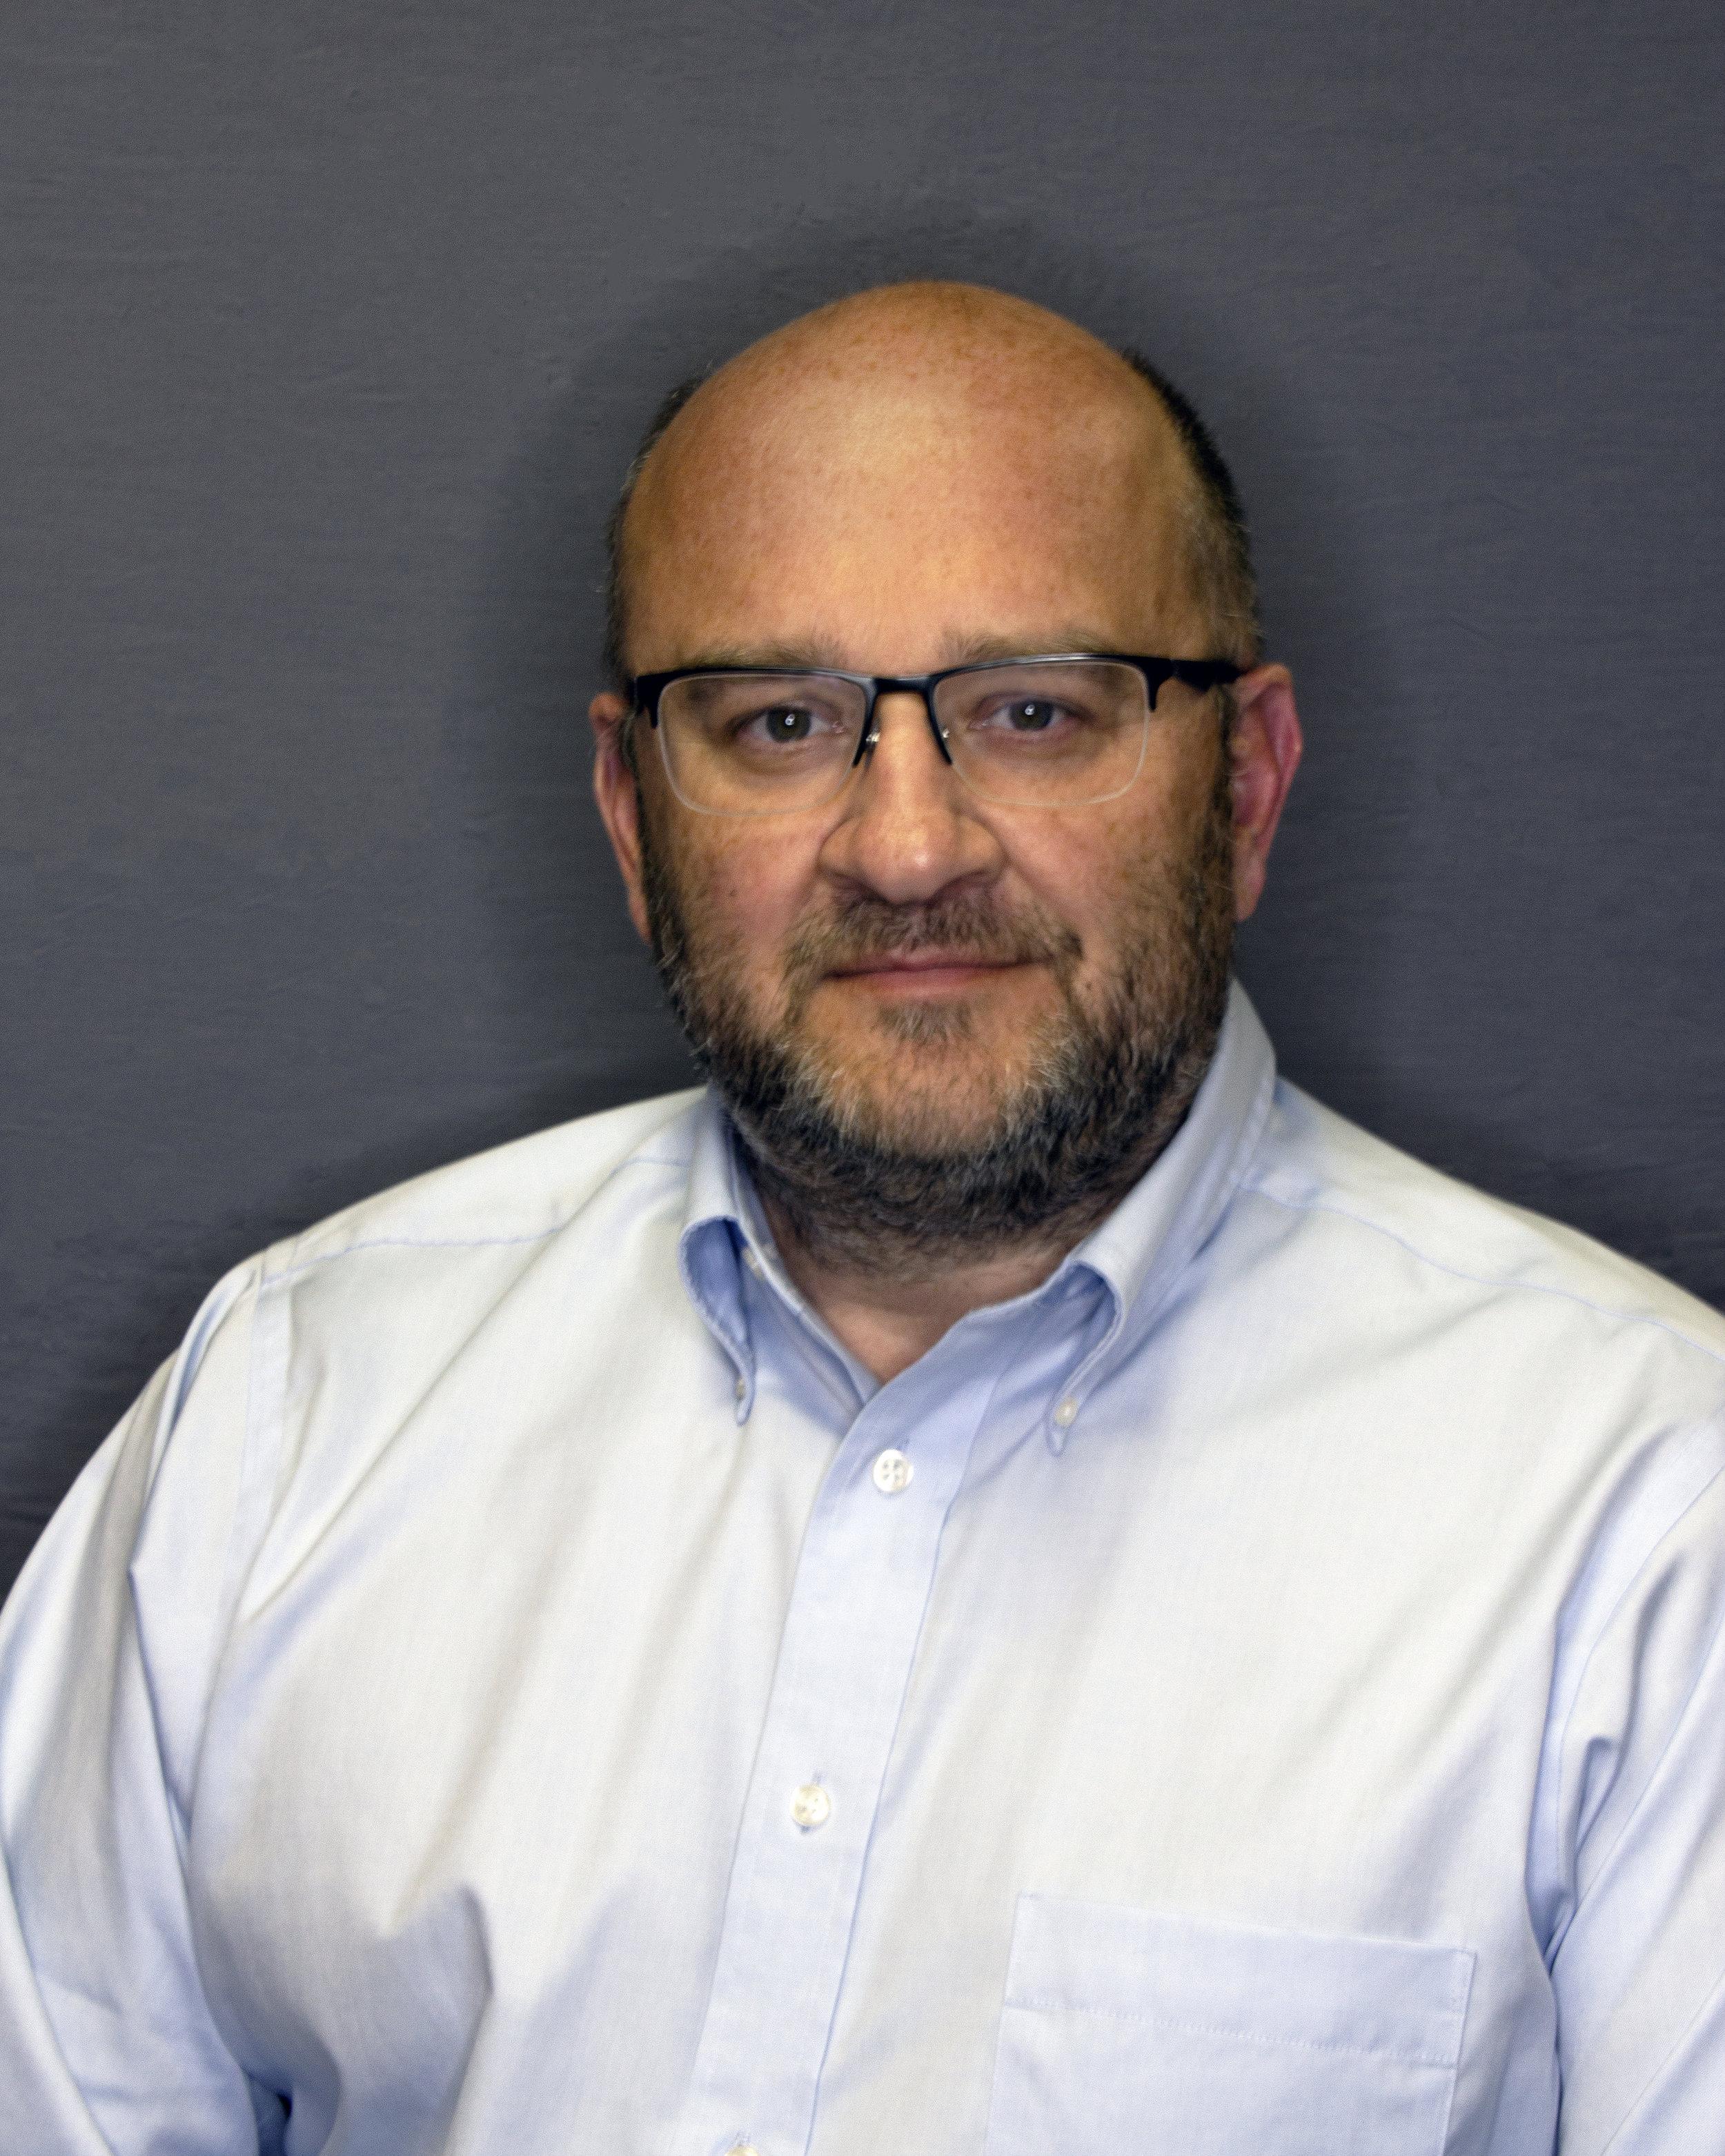 Steve Edris, CEO